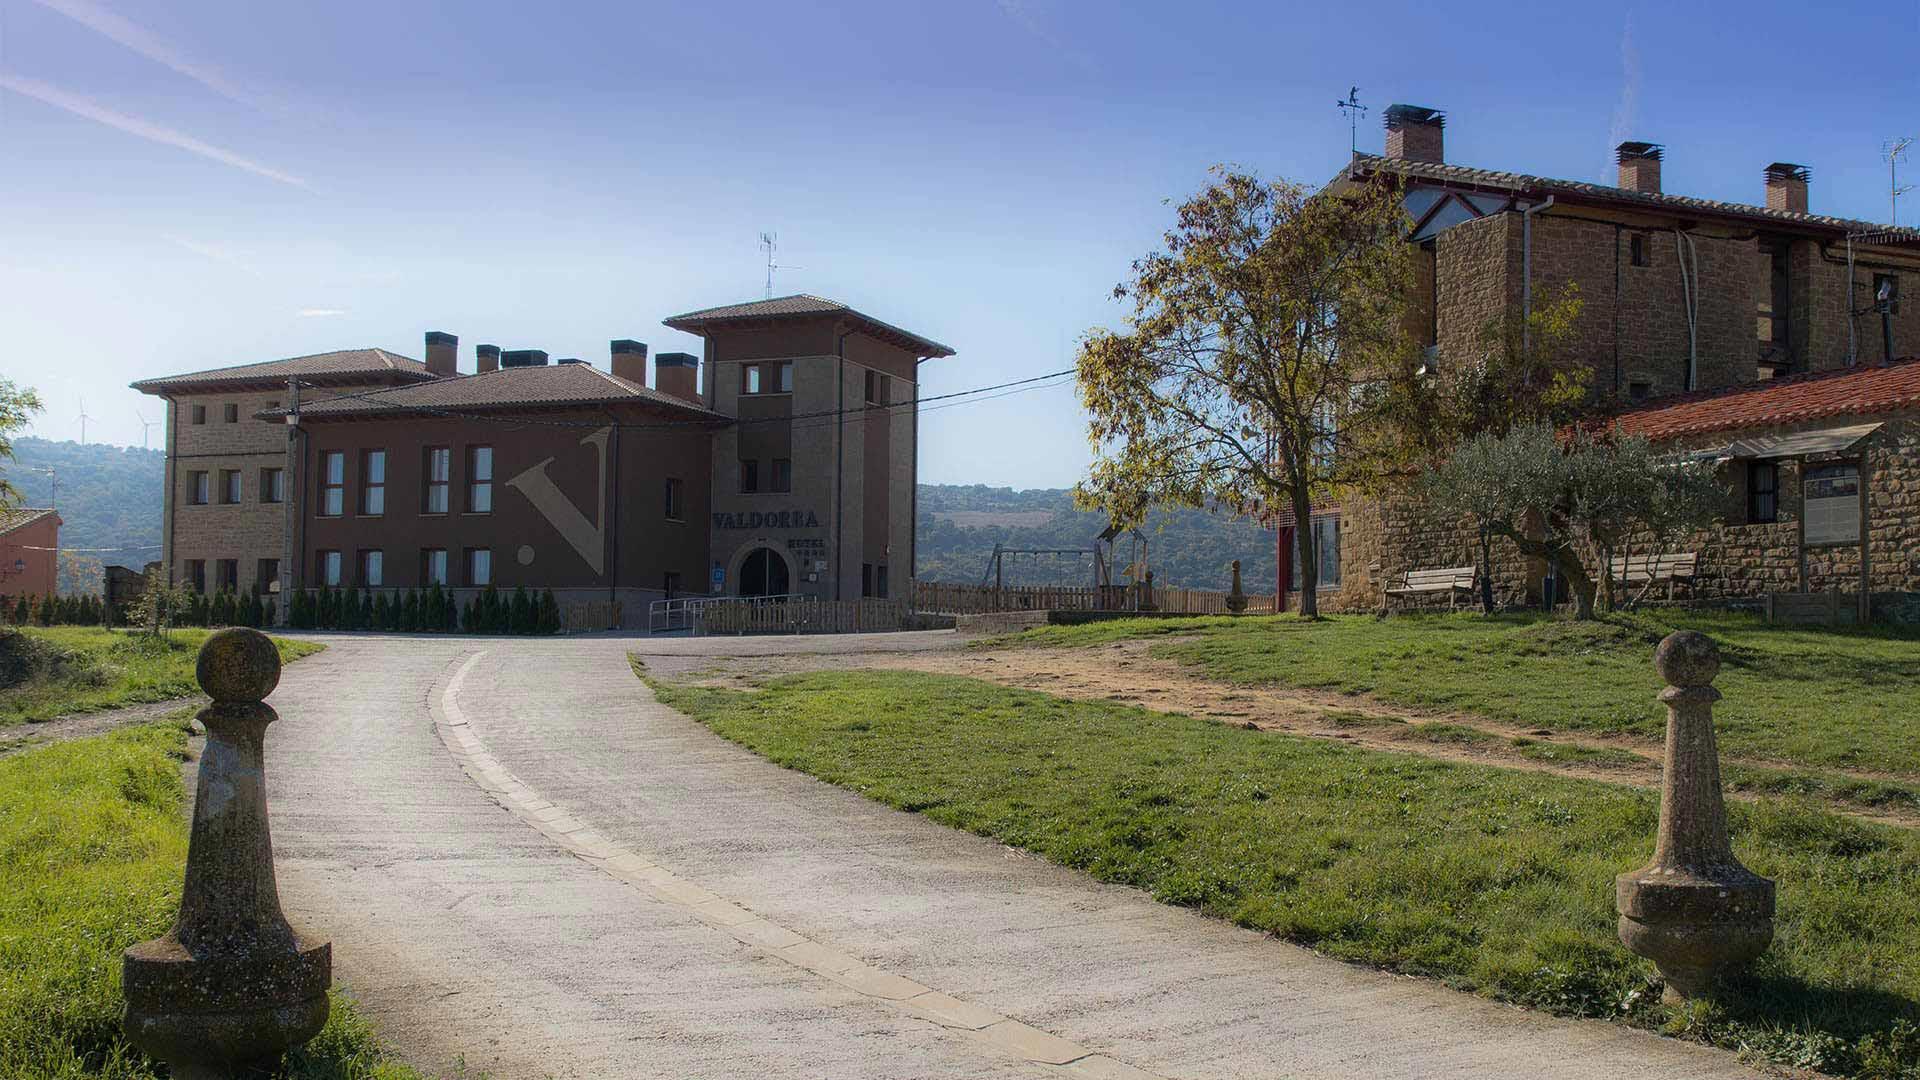 Entrada-Hotel-rural-Valdorba-en-Navarra-2014-1920x1080